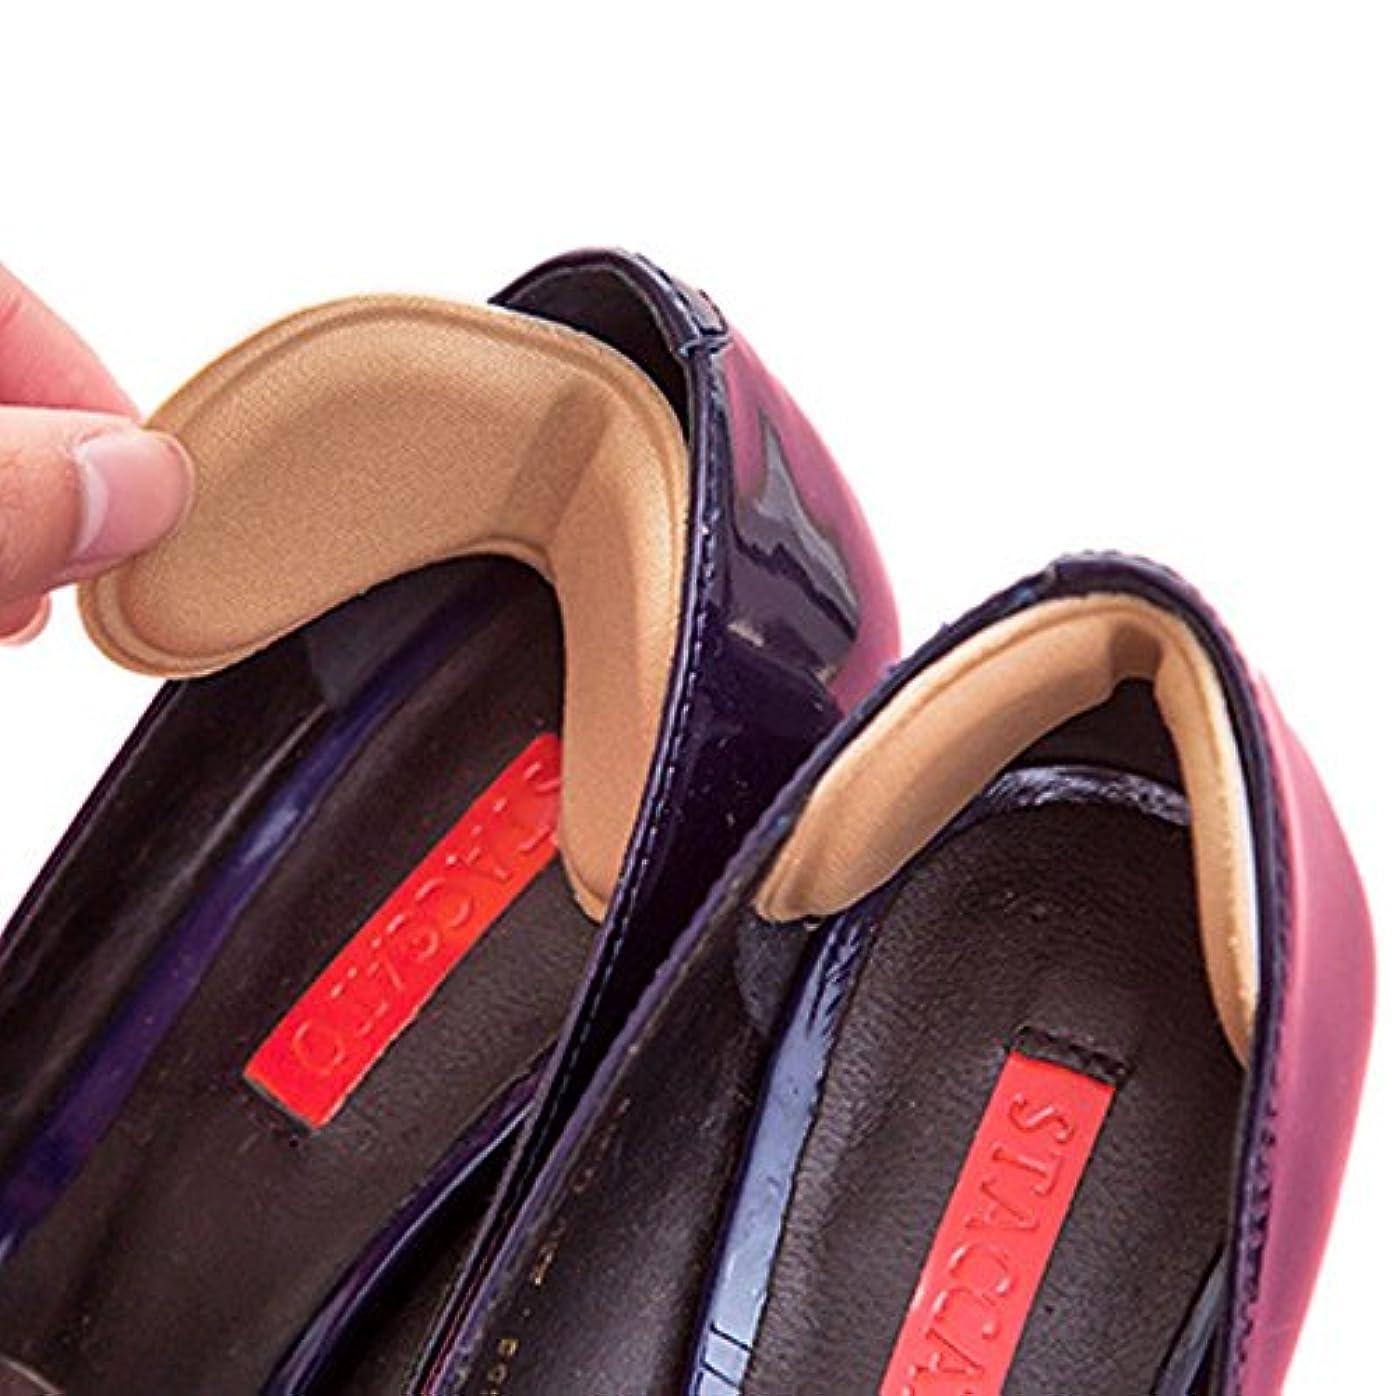 処理するプロットバレーボール靴擦れ 半張りパッド 靴擦れ防止 防止かかと パカパカ防止 ハイヒール用 足裏保護 インソール 靴のサイズ調整 四組入り